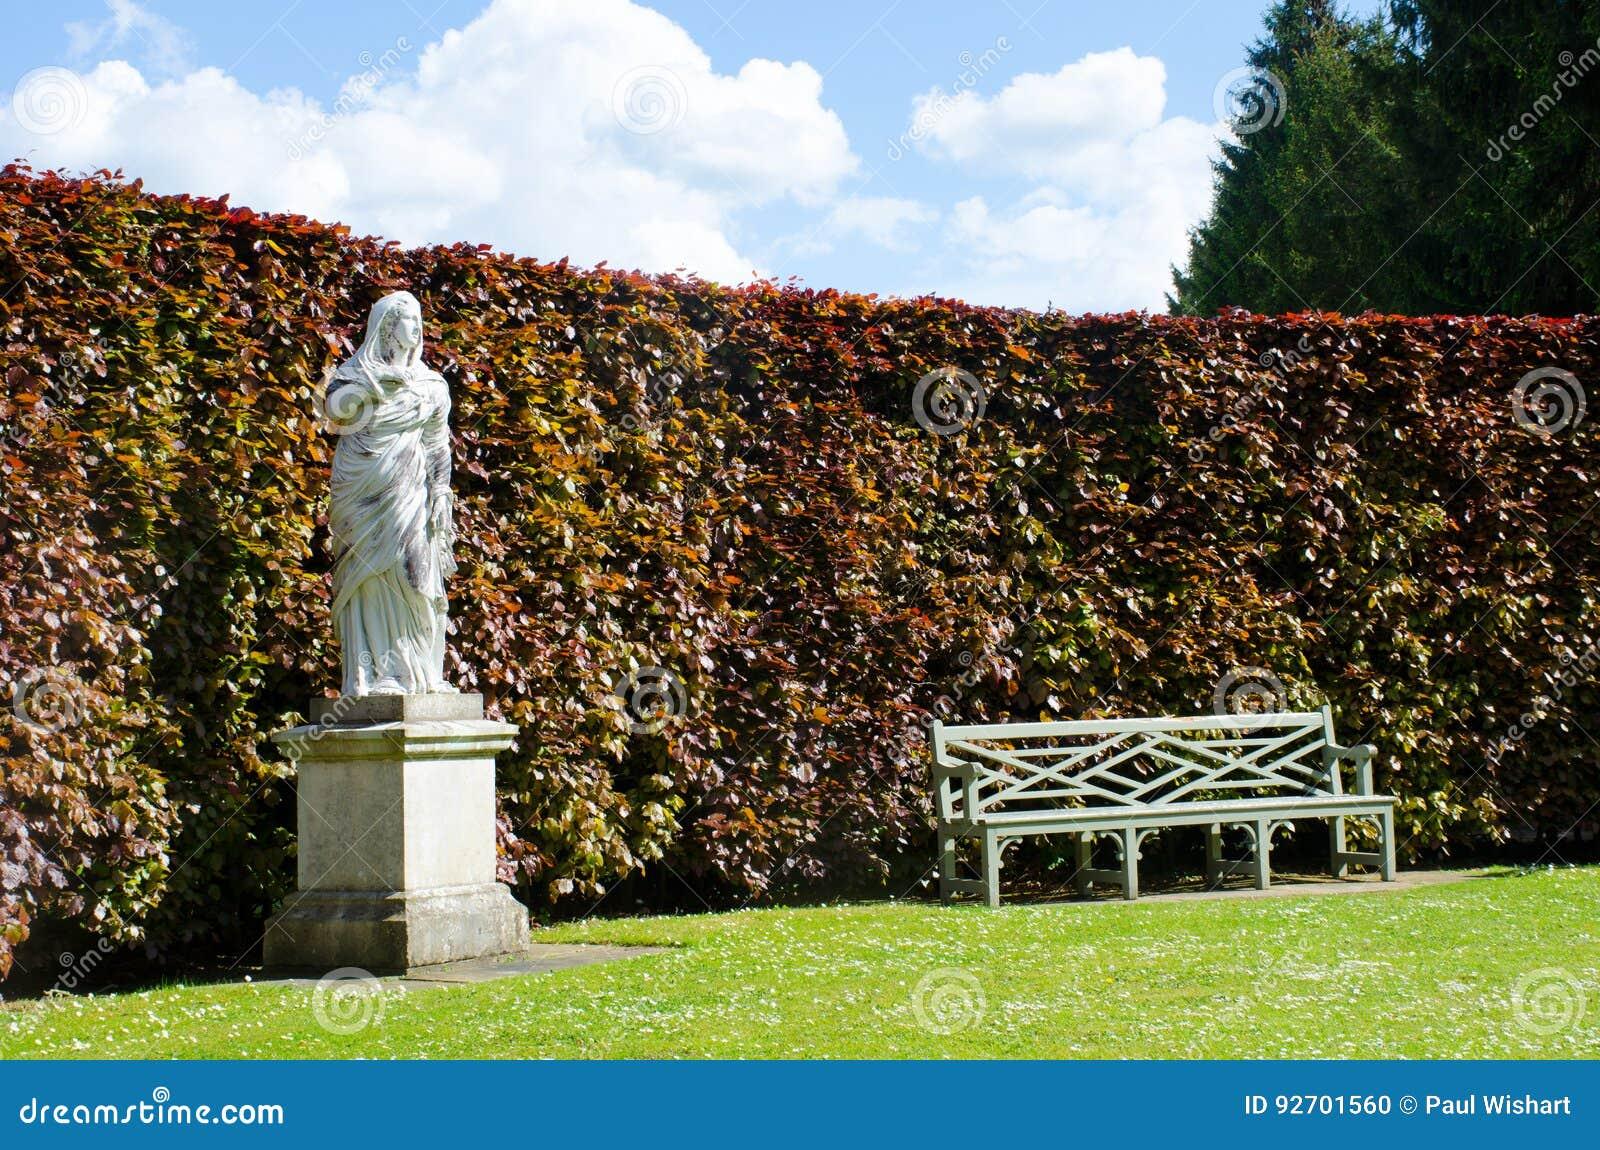 statue mit bank im englischen land garten stockfoto bild von betrieb sch nheit 92701560. Black Bedroom Furniture Sets. Home Design Ideas